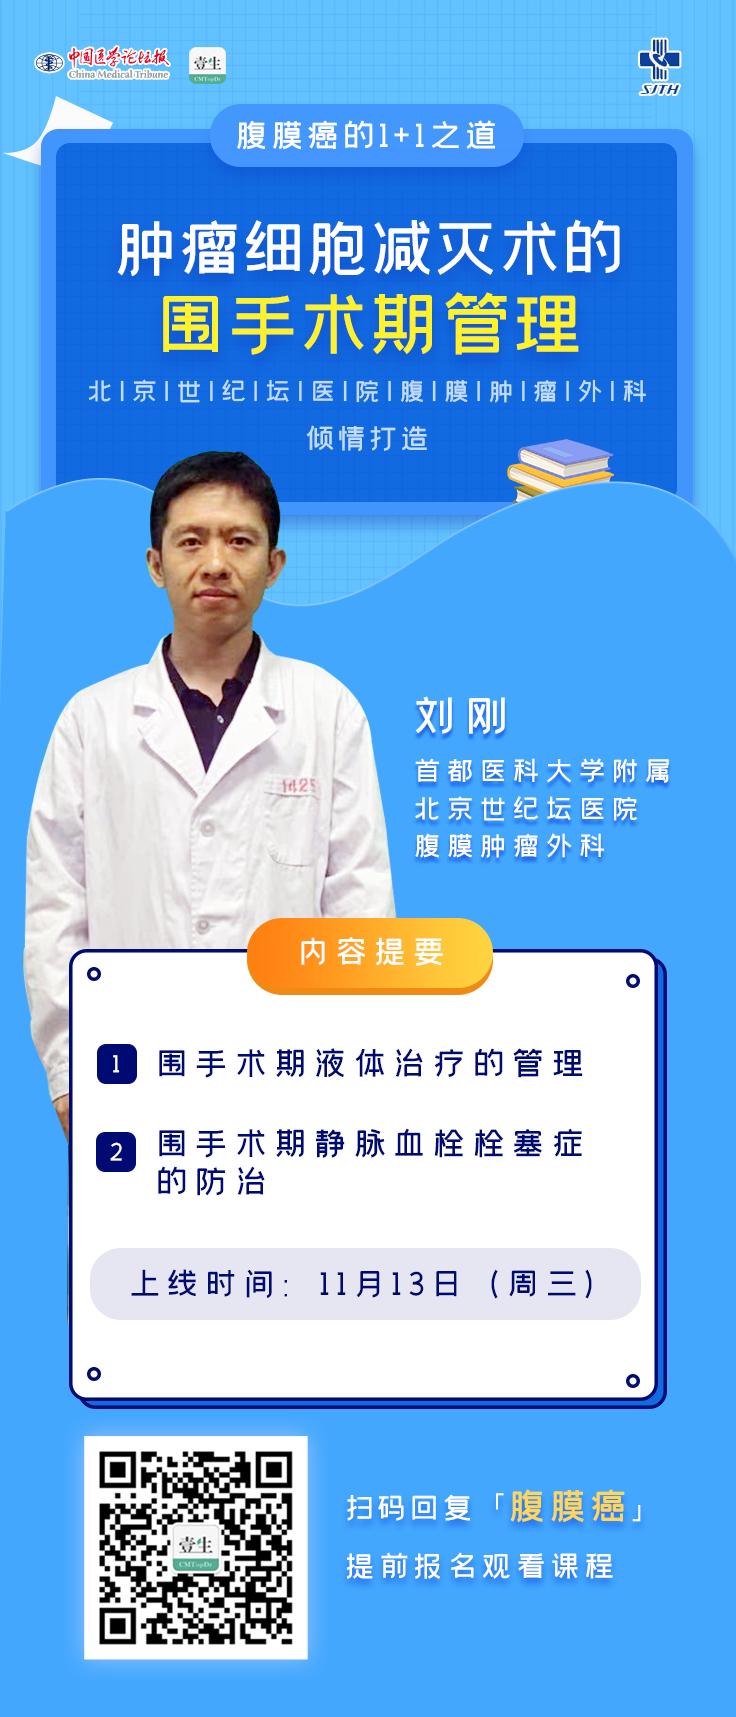 围手术期管理.png